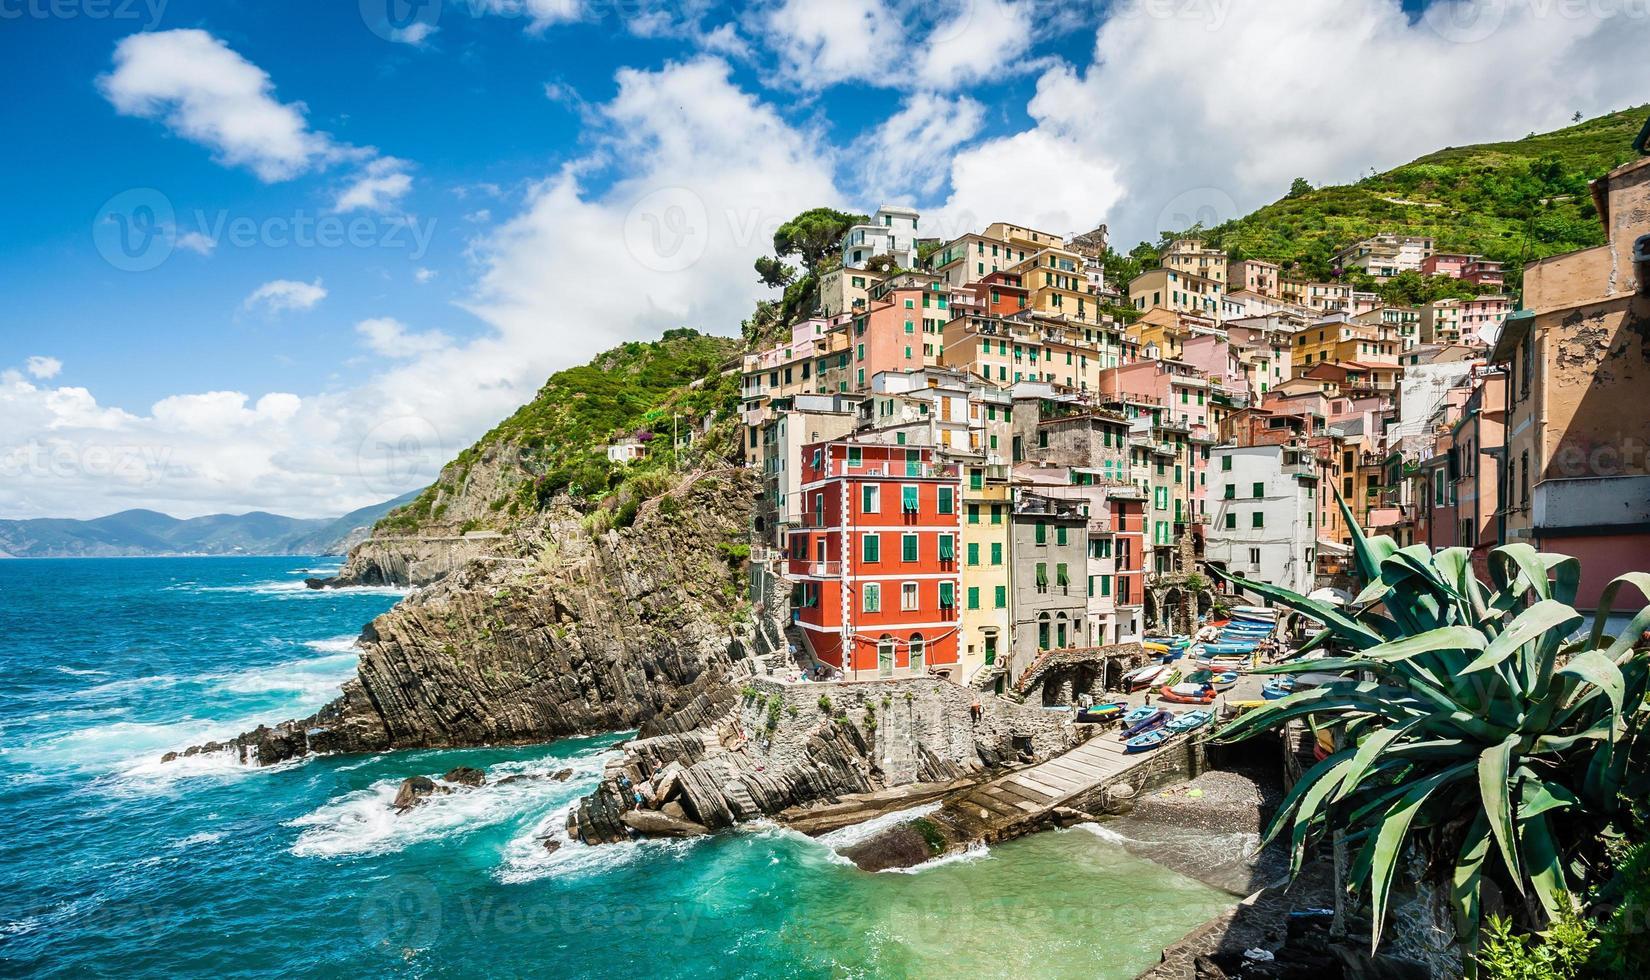 Fischerdorf Riomaggiore in Cinque Terre, Ligurien, Italien foto